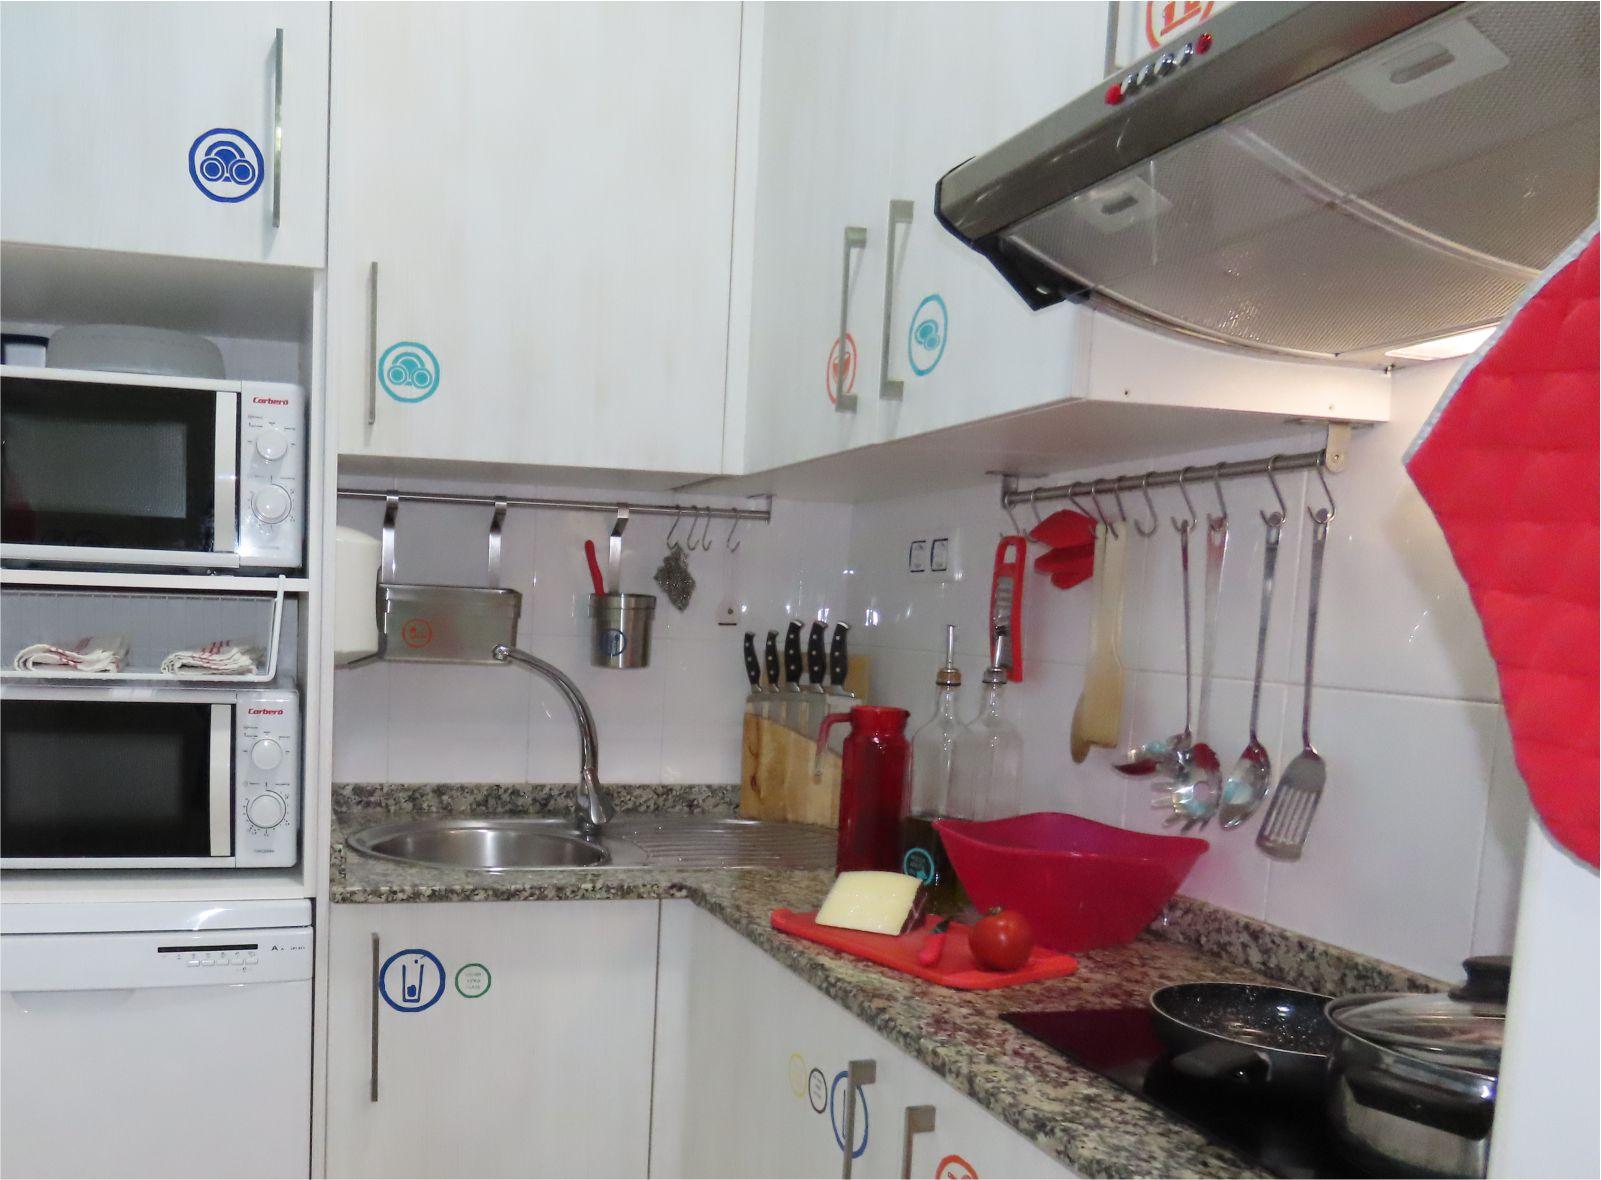 Cocina - Kitchen - Albergue Corredoiras